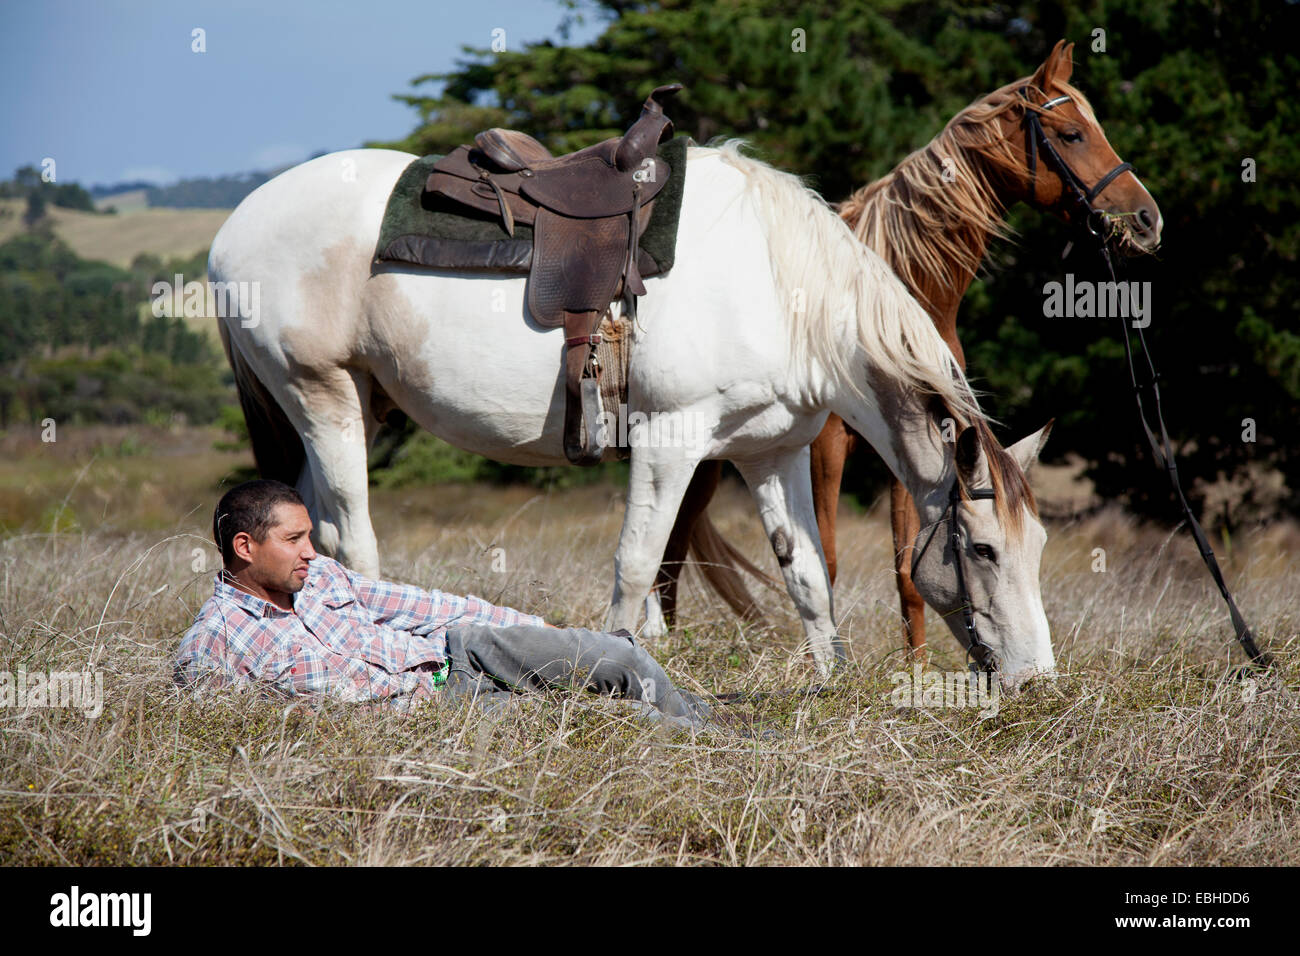 Horse rider taking break on grass, Pakiri Beach, Auckland, New Zealand - Stock Image